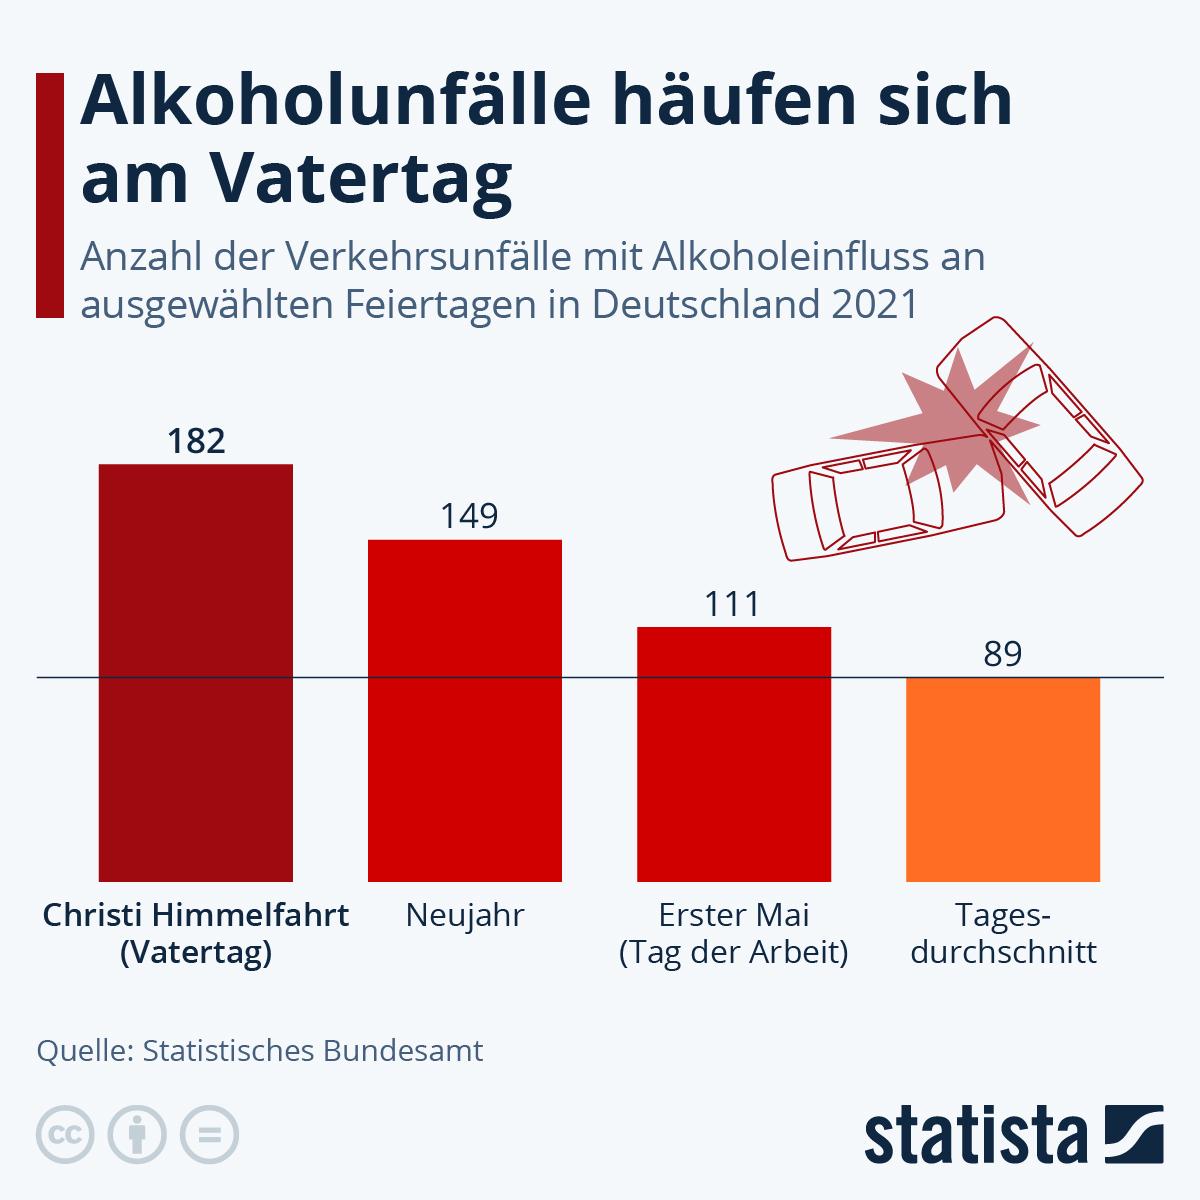 Infografik: Am Vatertag passieren die meisten Alkoholunfälle | Statista